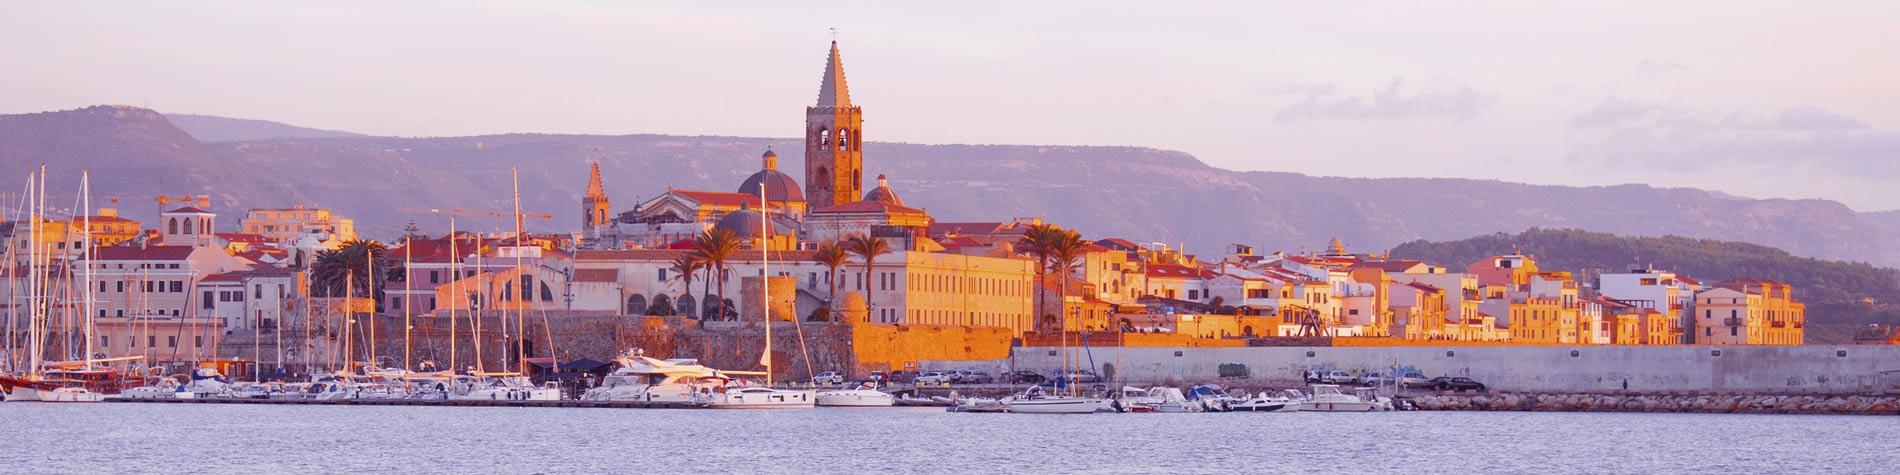 Billigflüge nach Sardinien ab 20,20 €   Ryanair.com